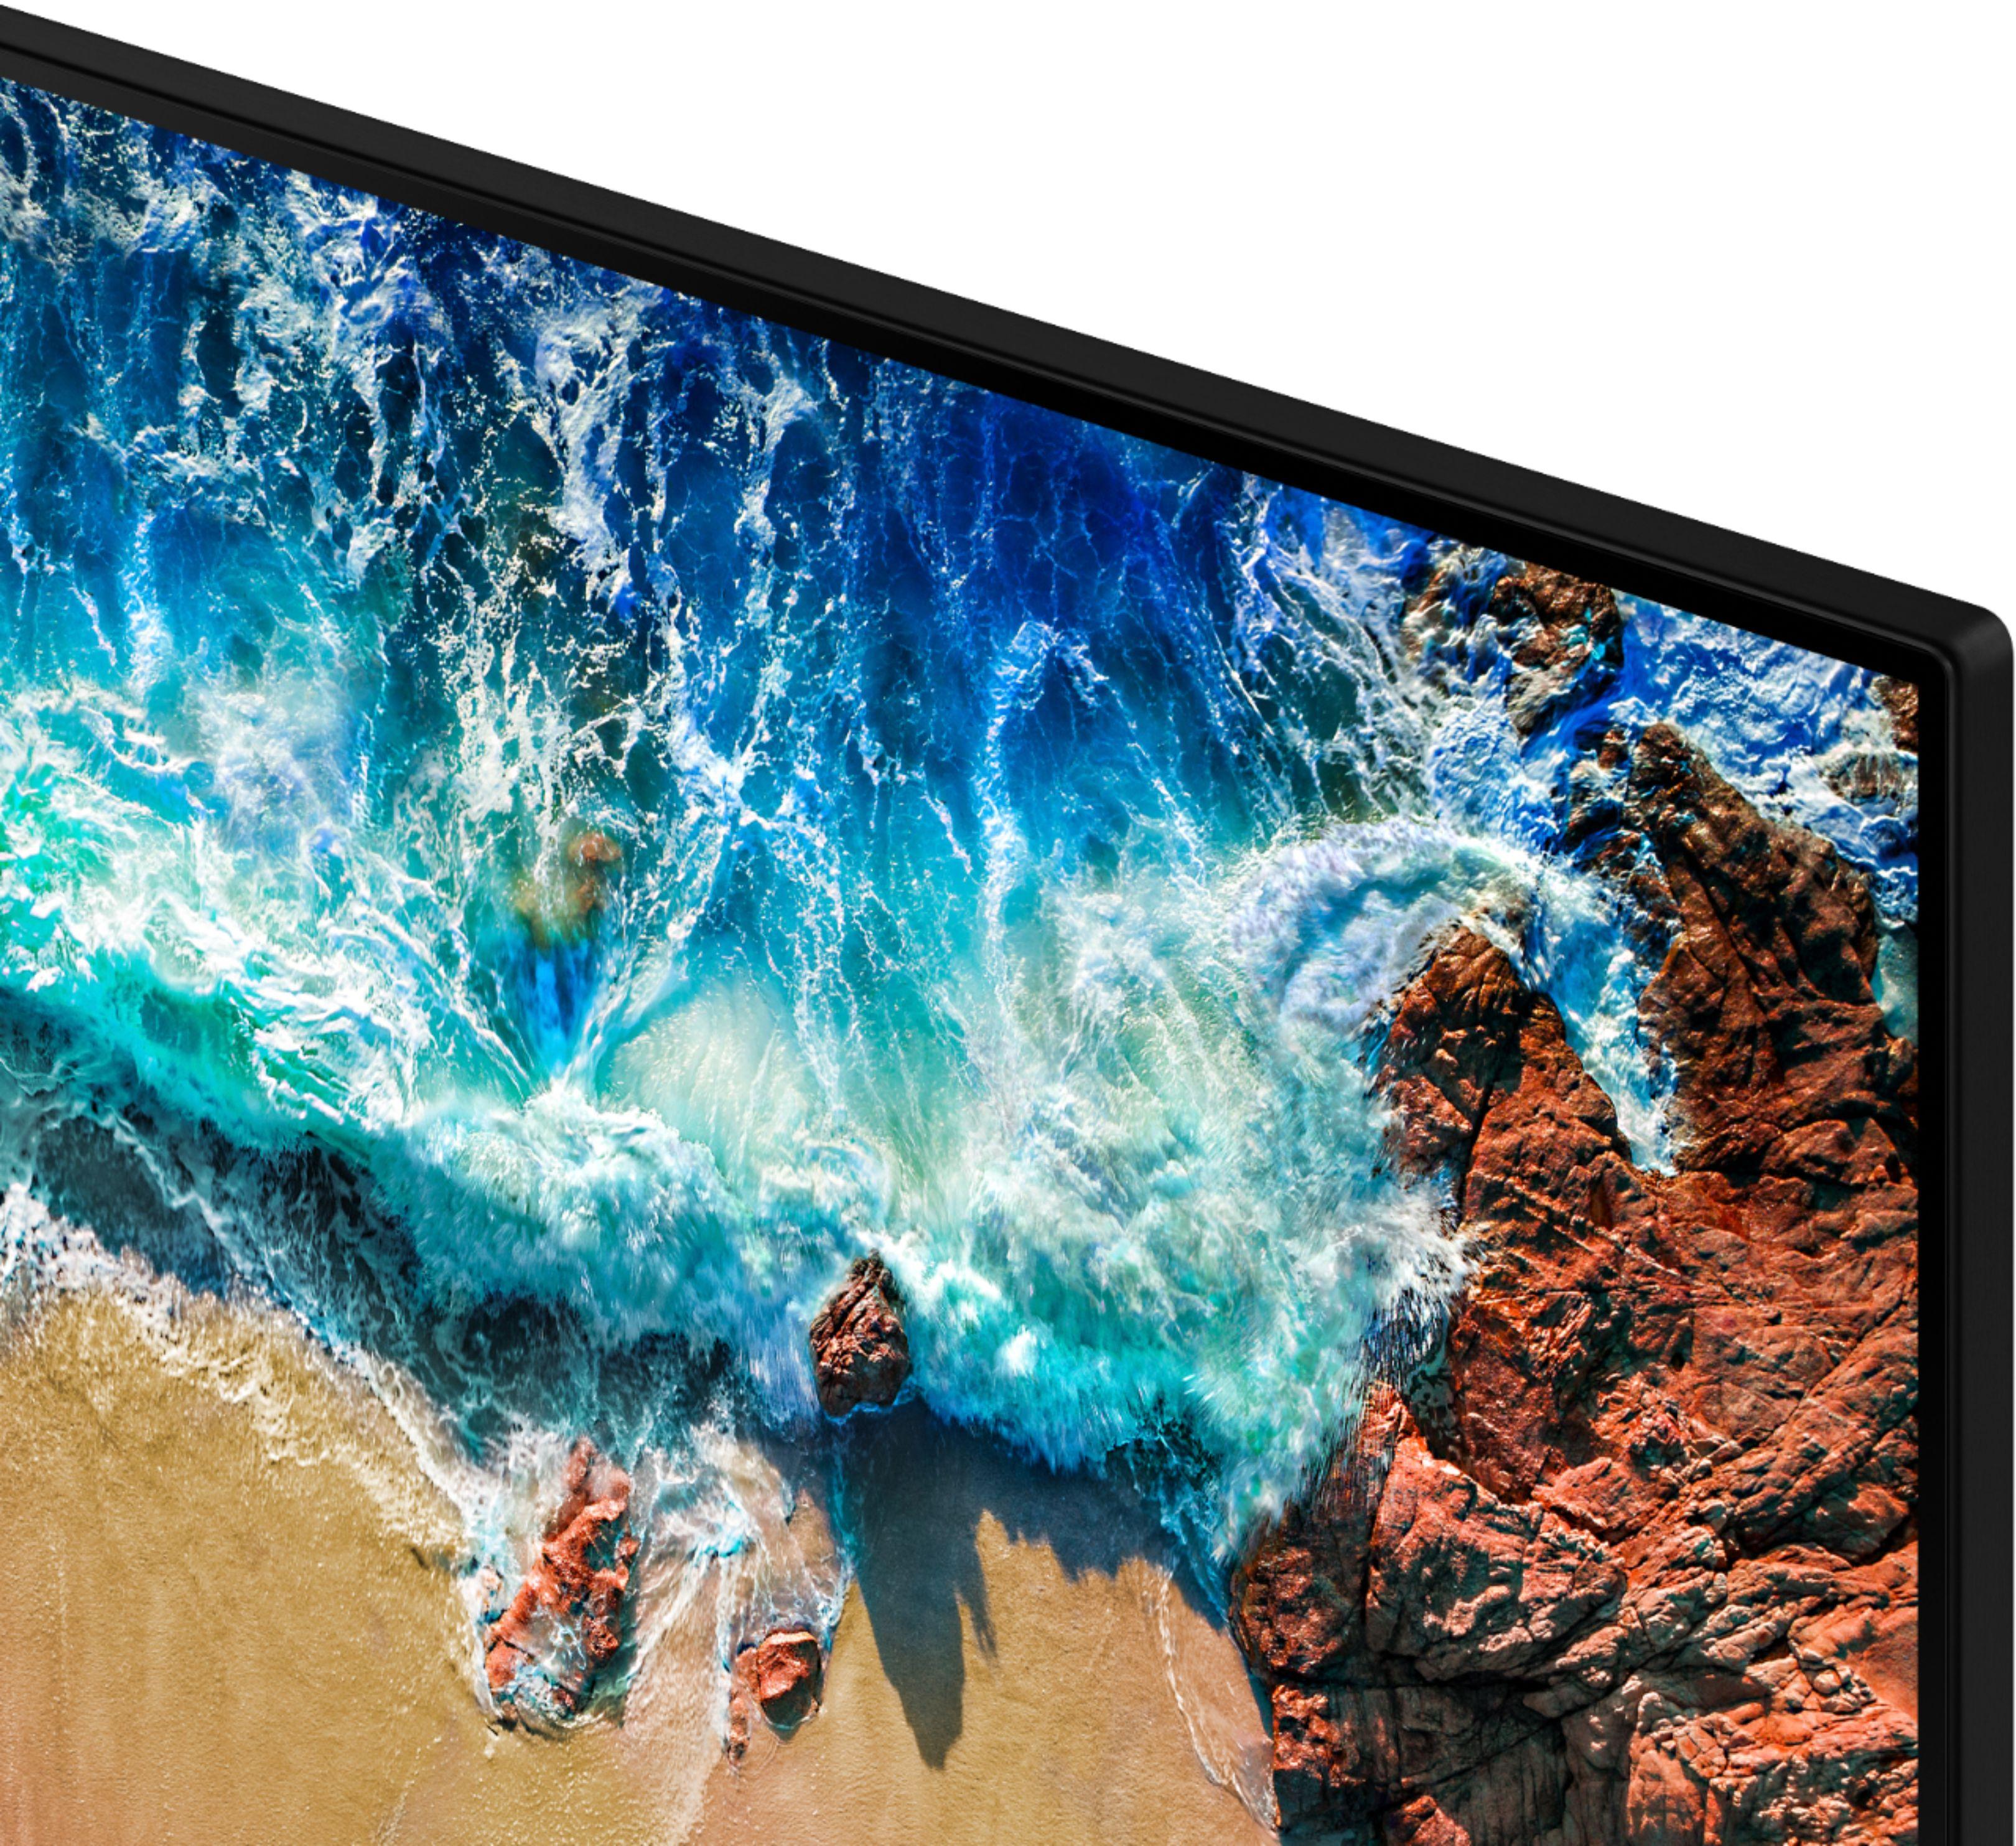 Image 14 for Samsung UN65NU8000FXZA